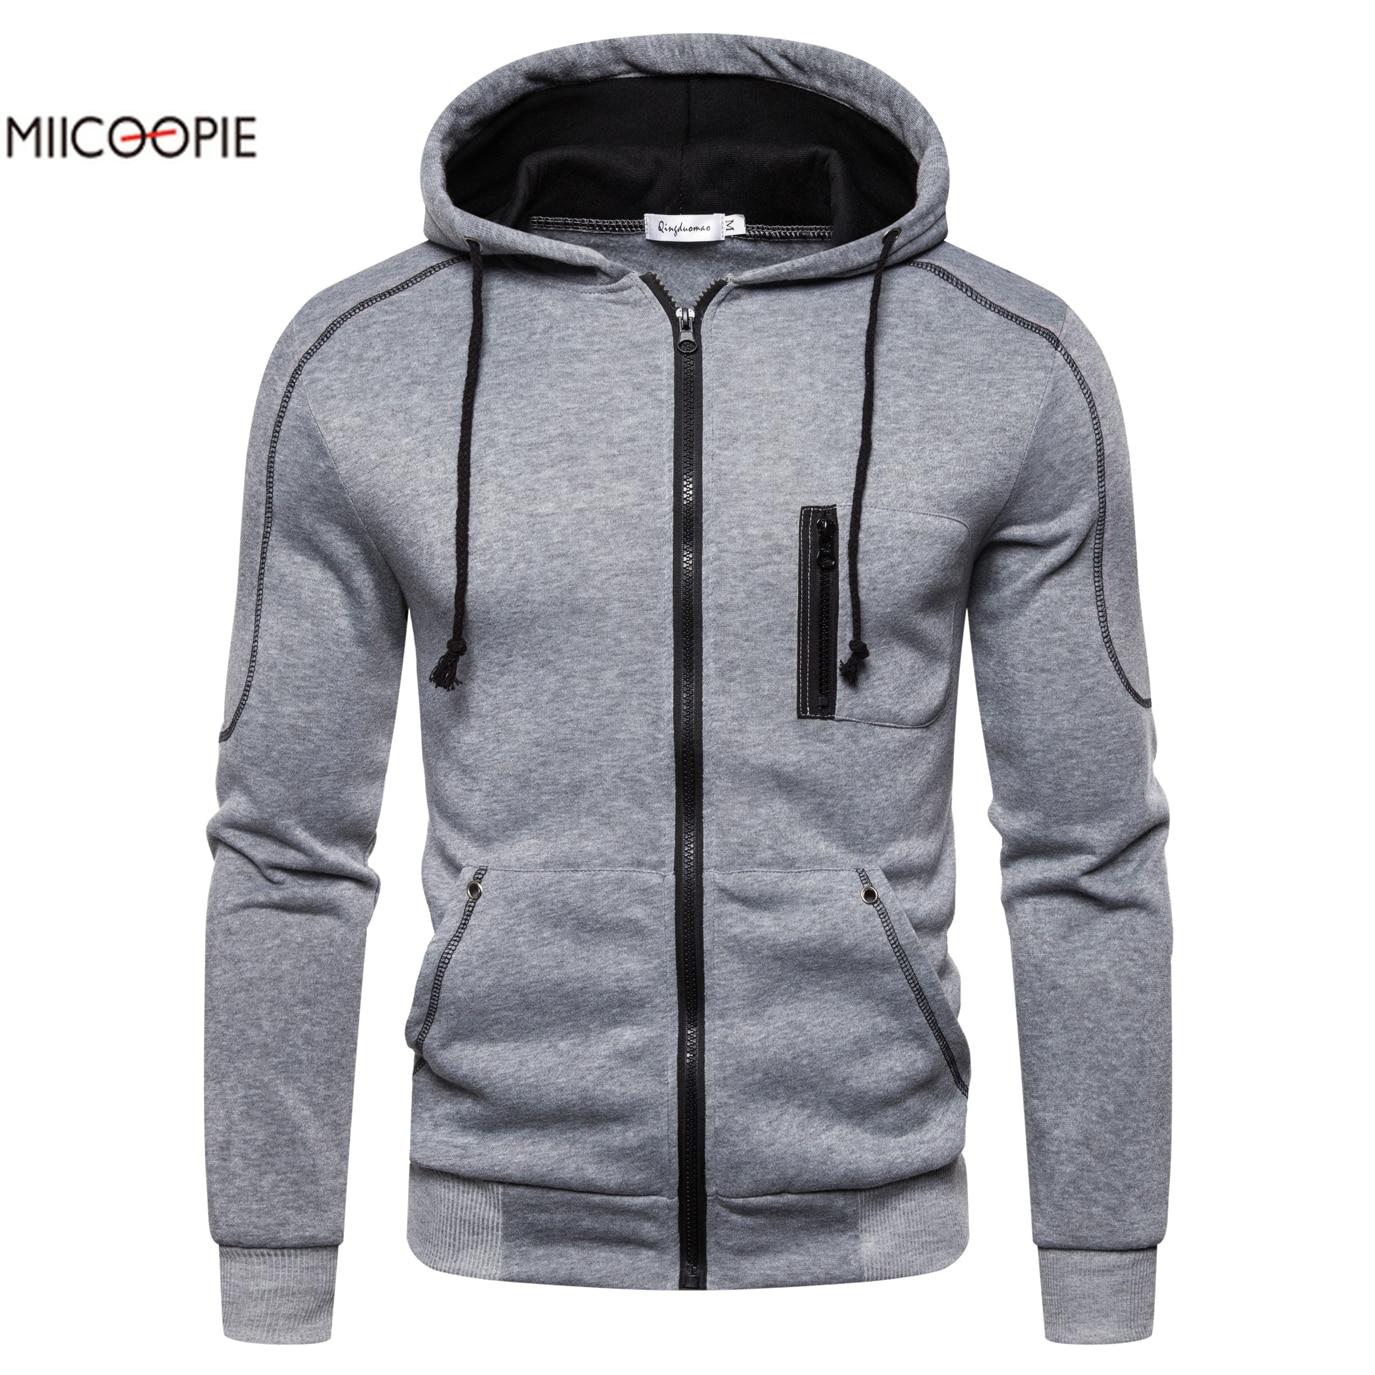 Miicoopie 2019 Mens Hoodie Solid Pullover Fashion Mens Outdoor Street Wear Autumn Mens Sweatshirt Long Sleeve